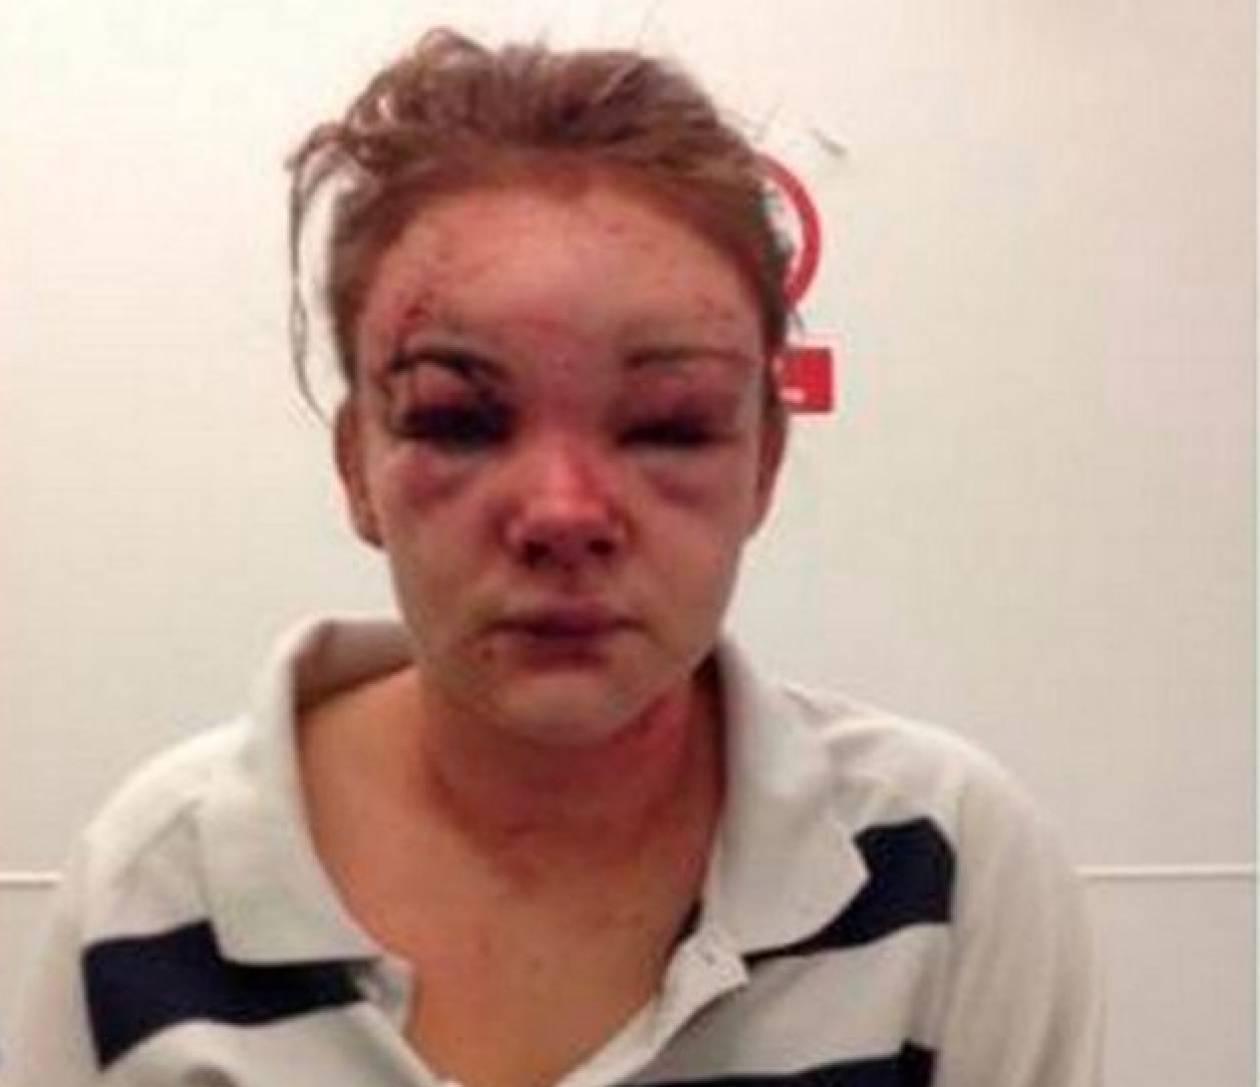 Εικόνες-ΣΟΚ: Την μαχαίρωσε στο πρόσωπο γιατί… τον είπε Χάρι Πότερ!